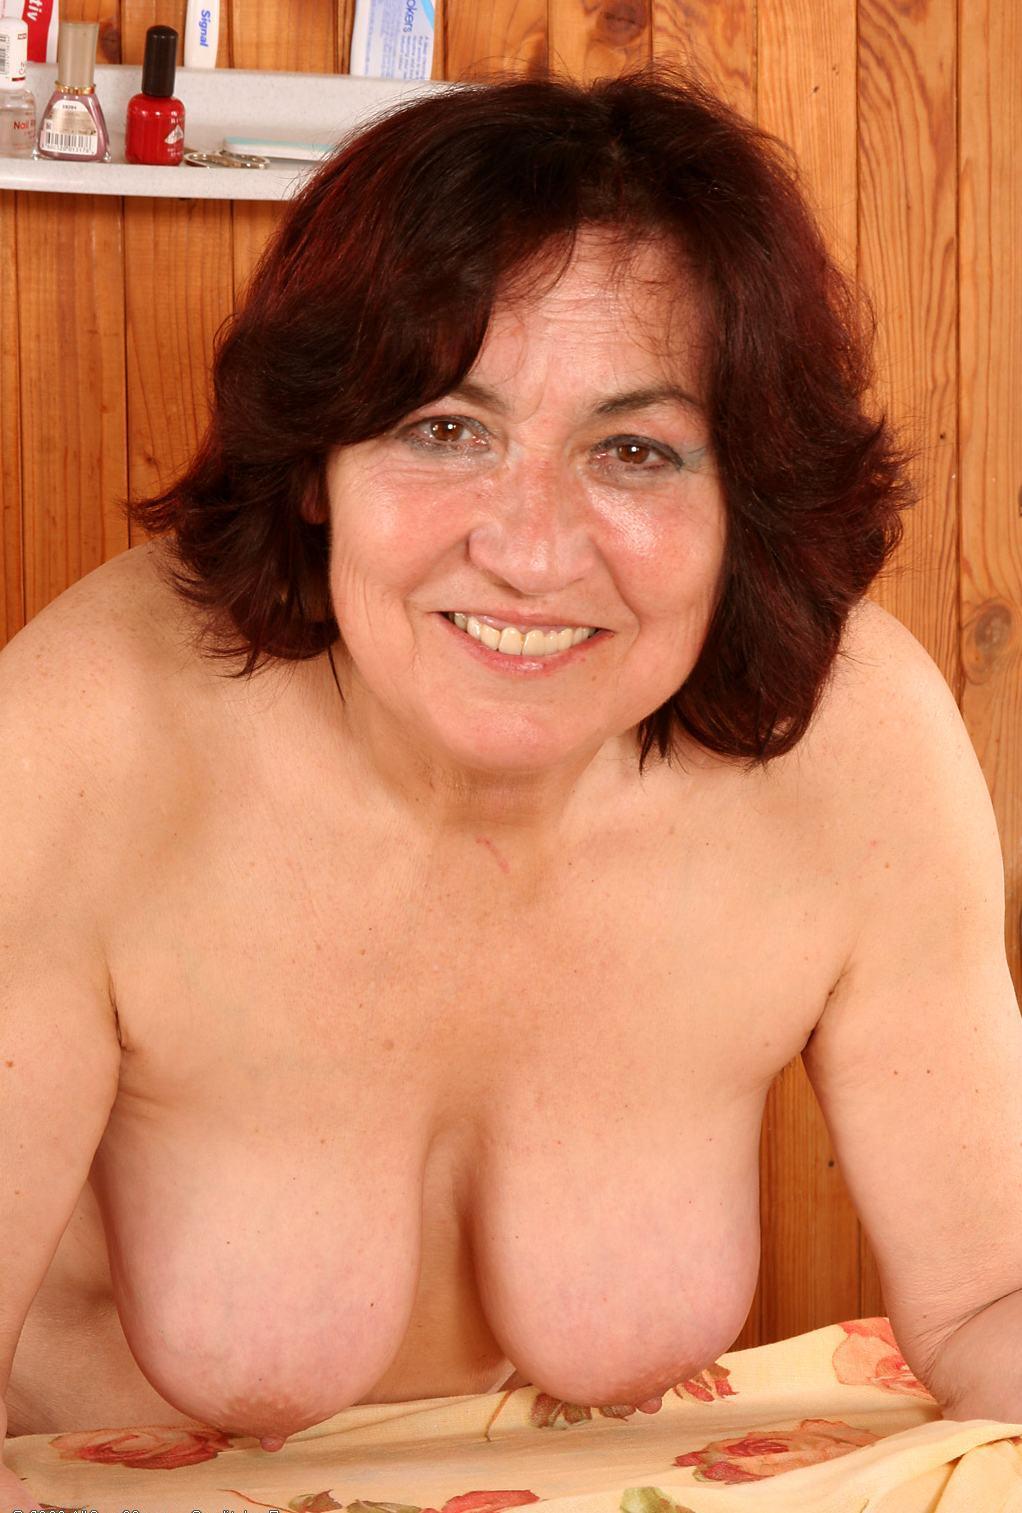 hidden cameras nude